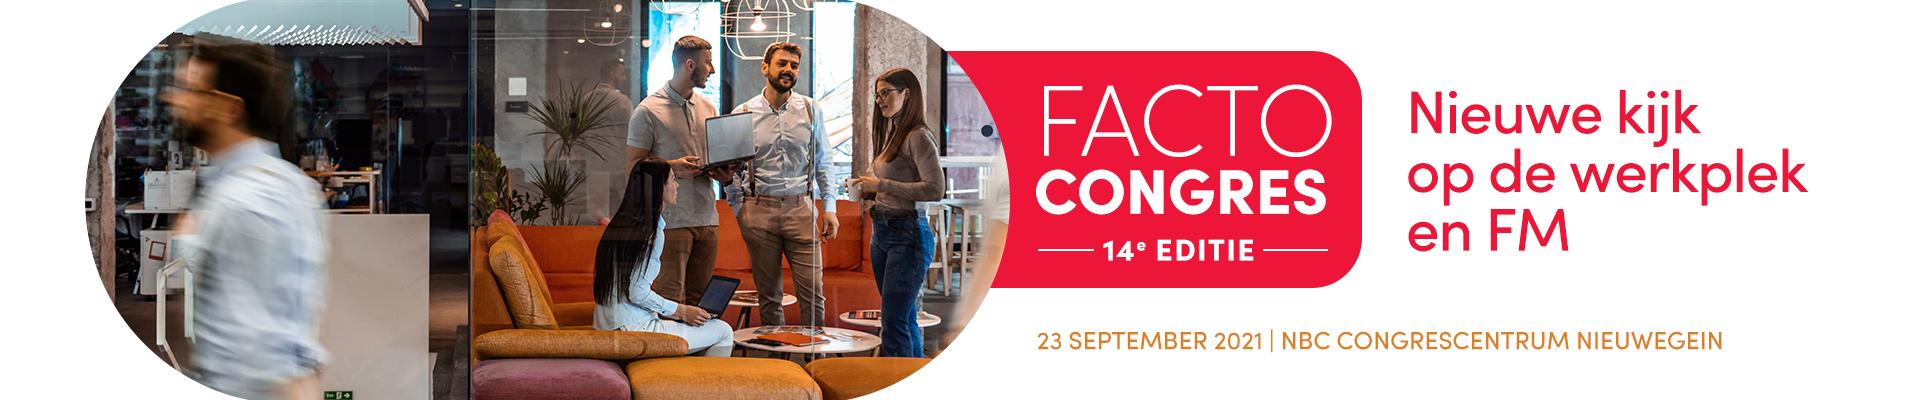 Facto Congres 2021